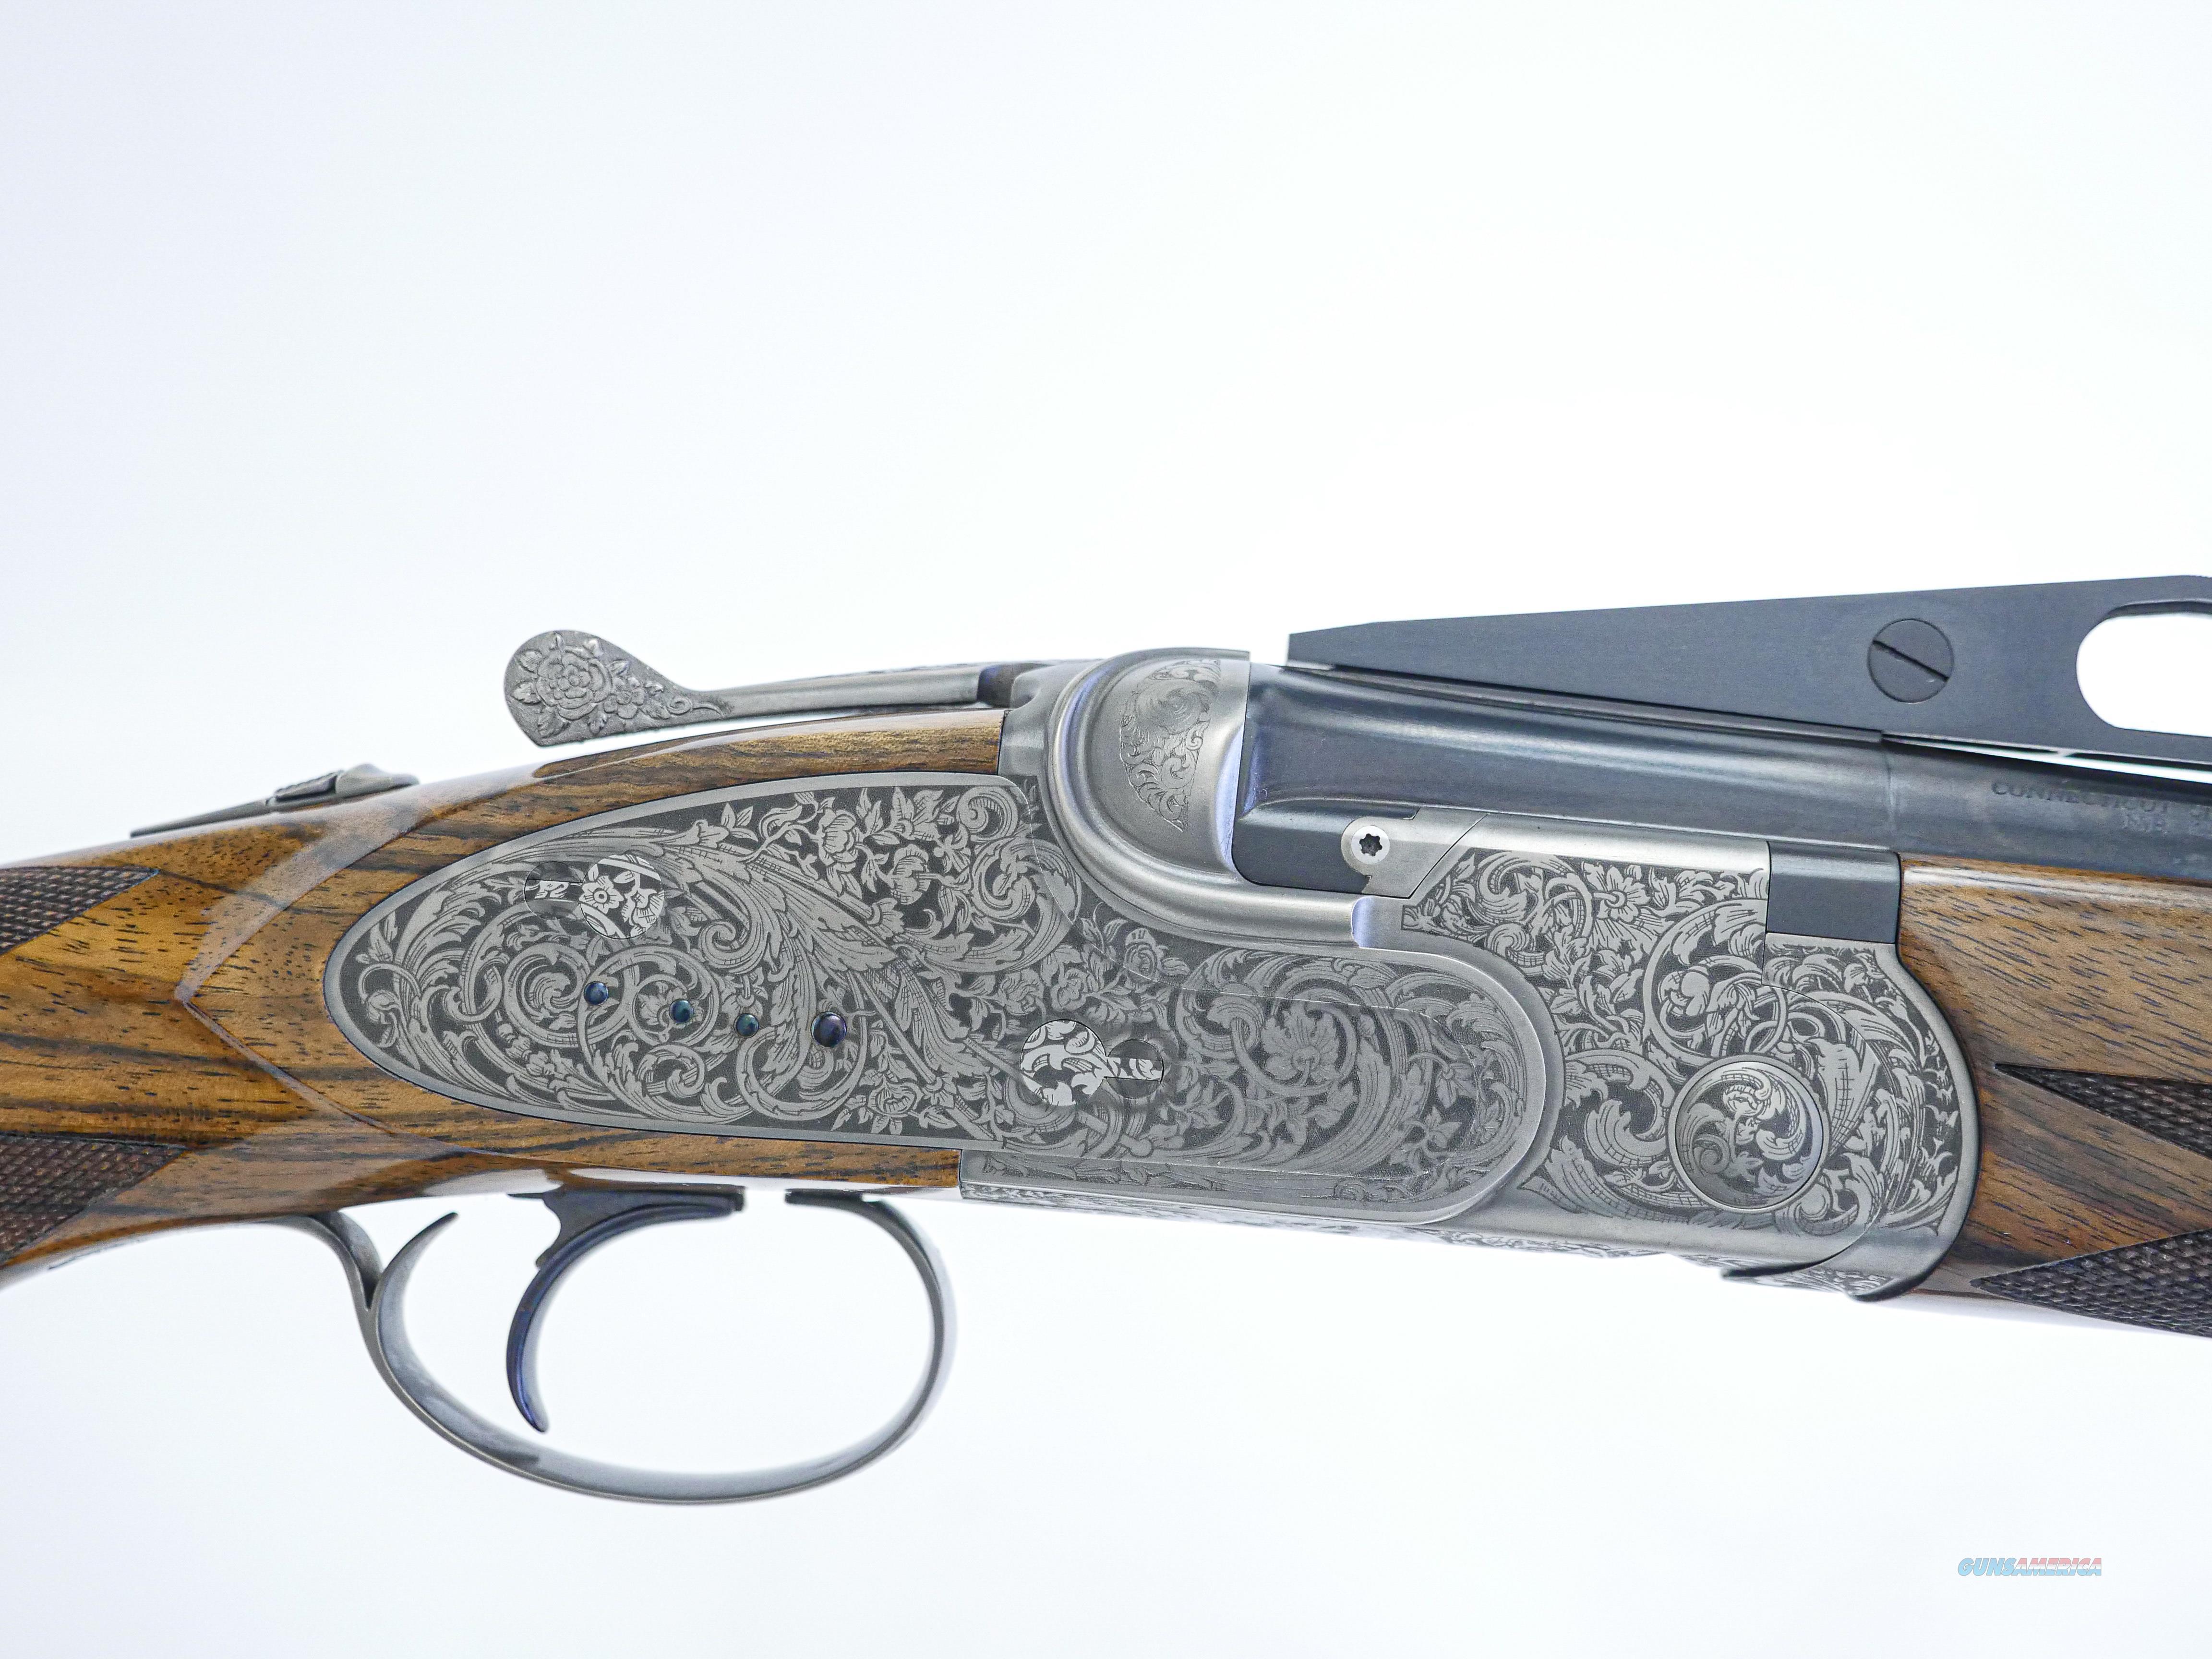 """CSMC - A10, Platinum Ornamental, Sporting Clays, 12ga. 30"""" Barrels.  Guns > Shotguns > Connecticut (Galazan) Shotguns"""